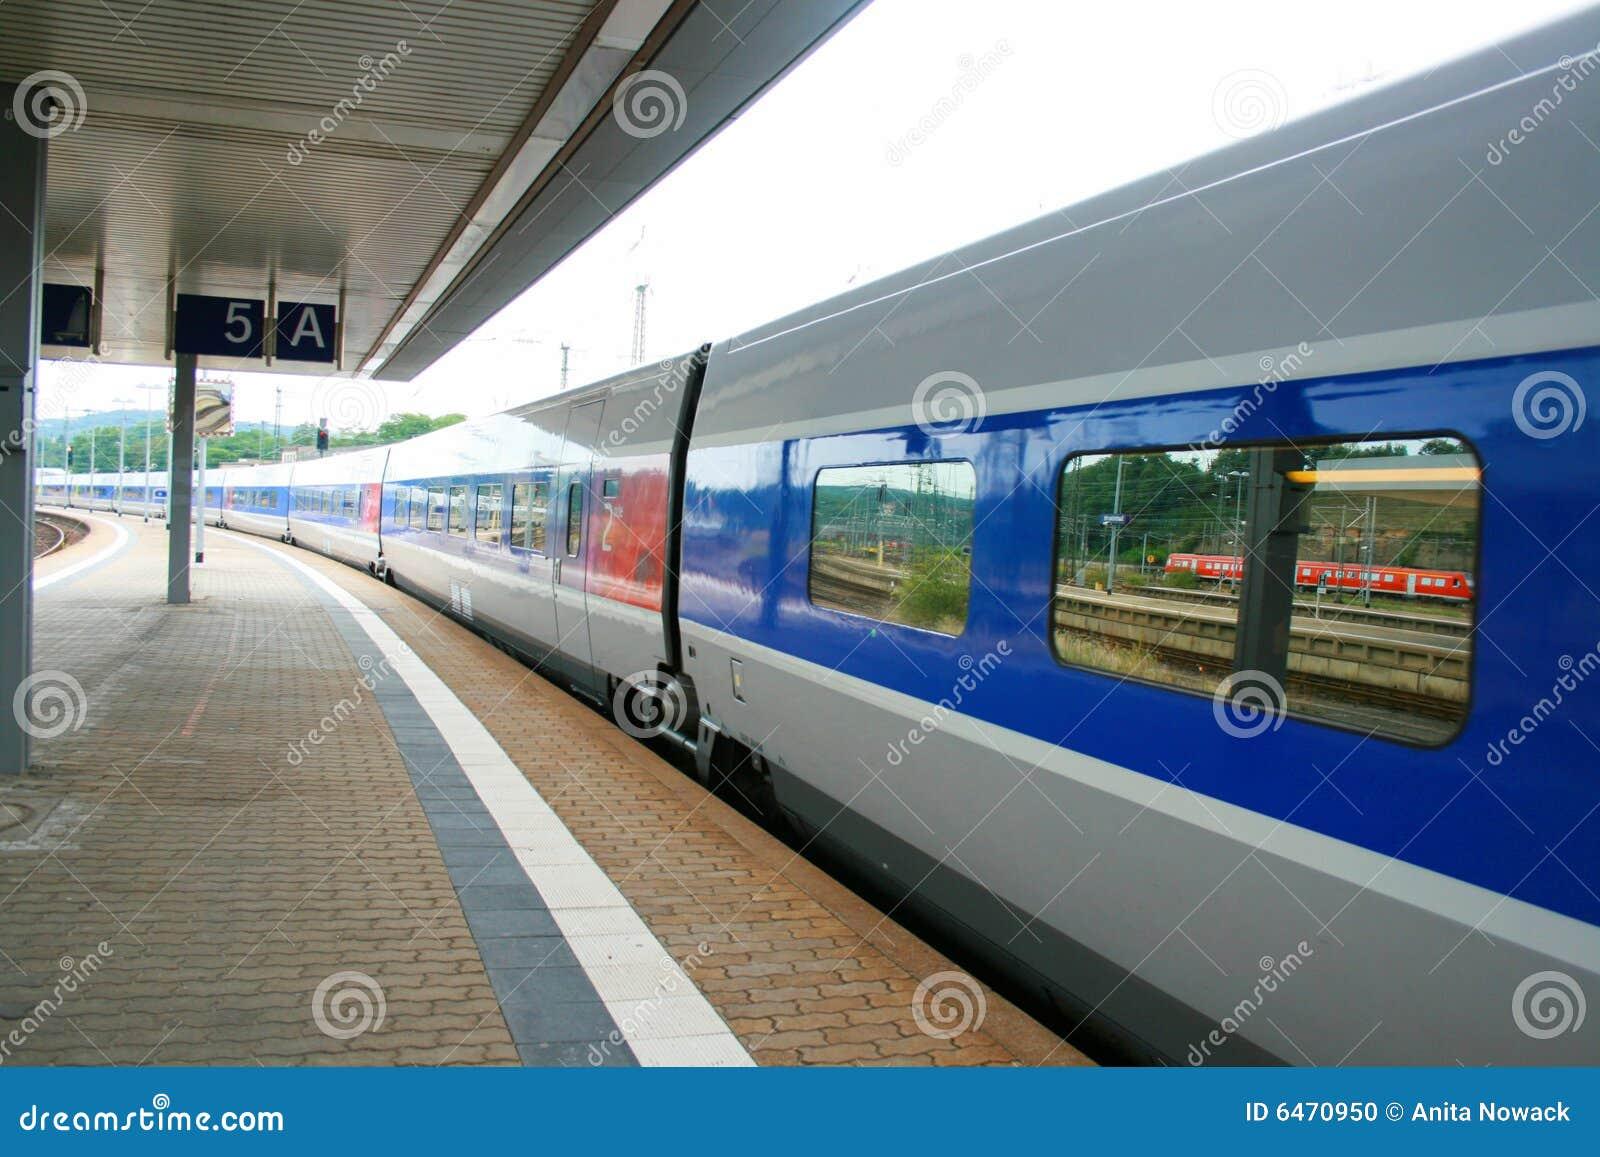 France wysoki pociąg tgv prędkości